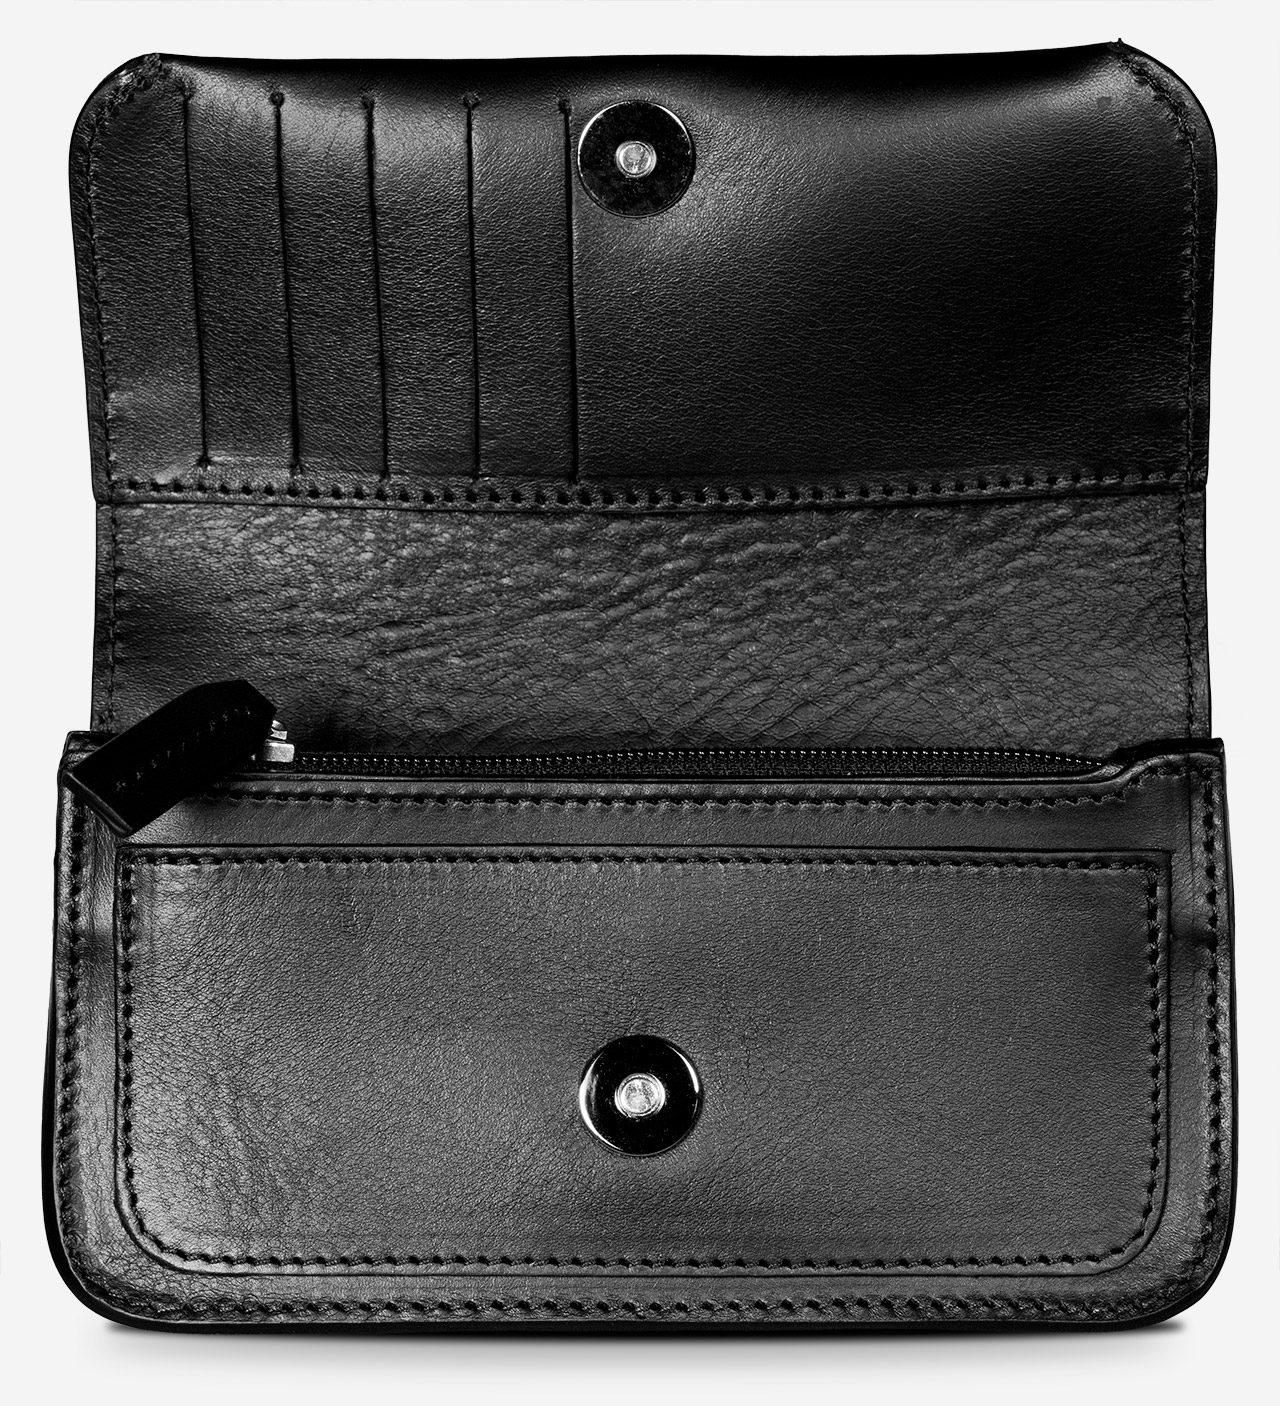 Sacoche ceinture en cuir noir avec 5 compartiments et slots pour cartes.